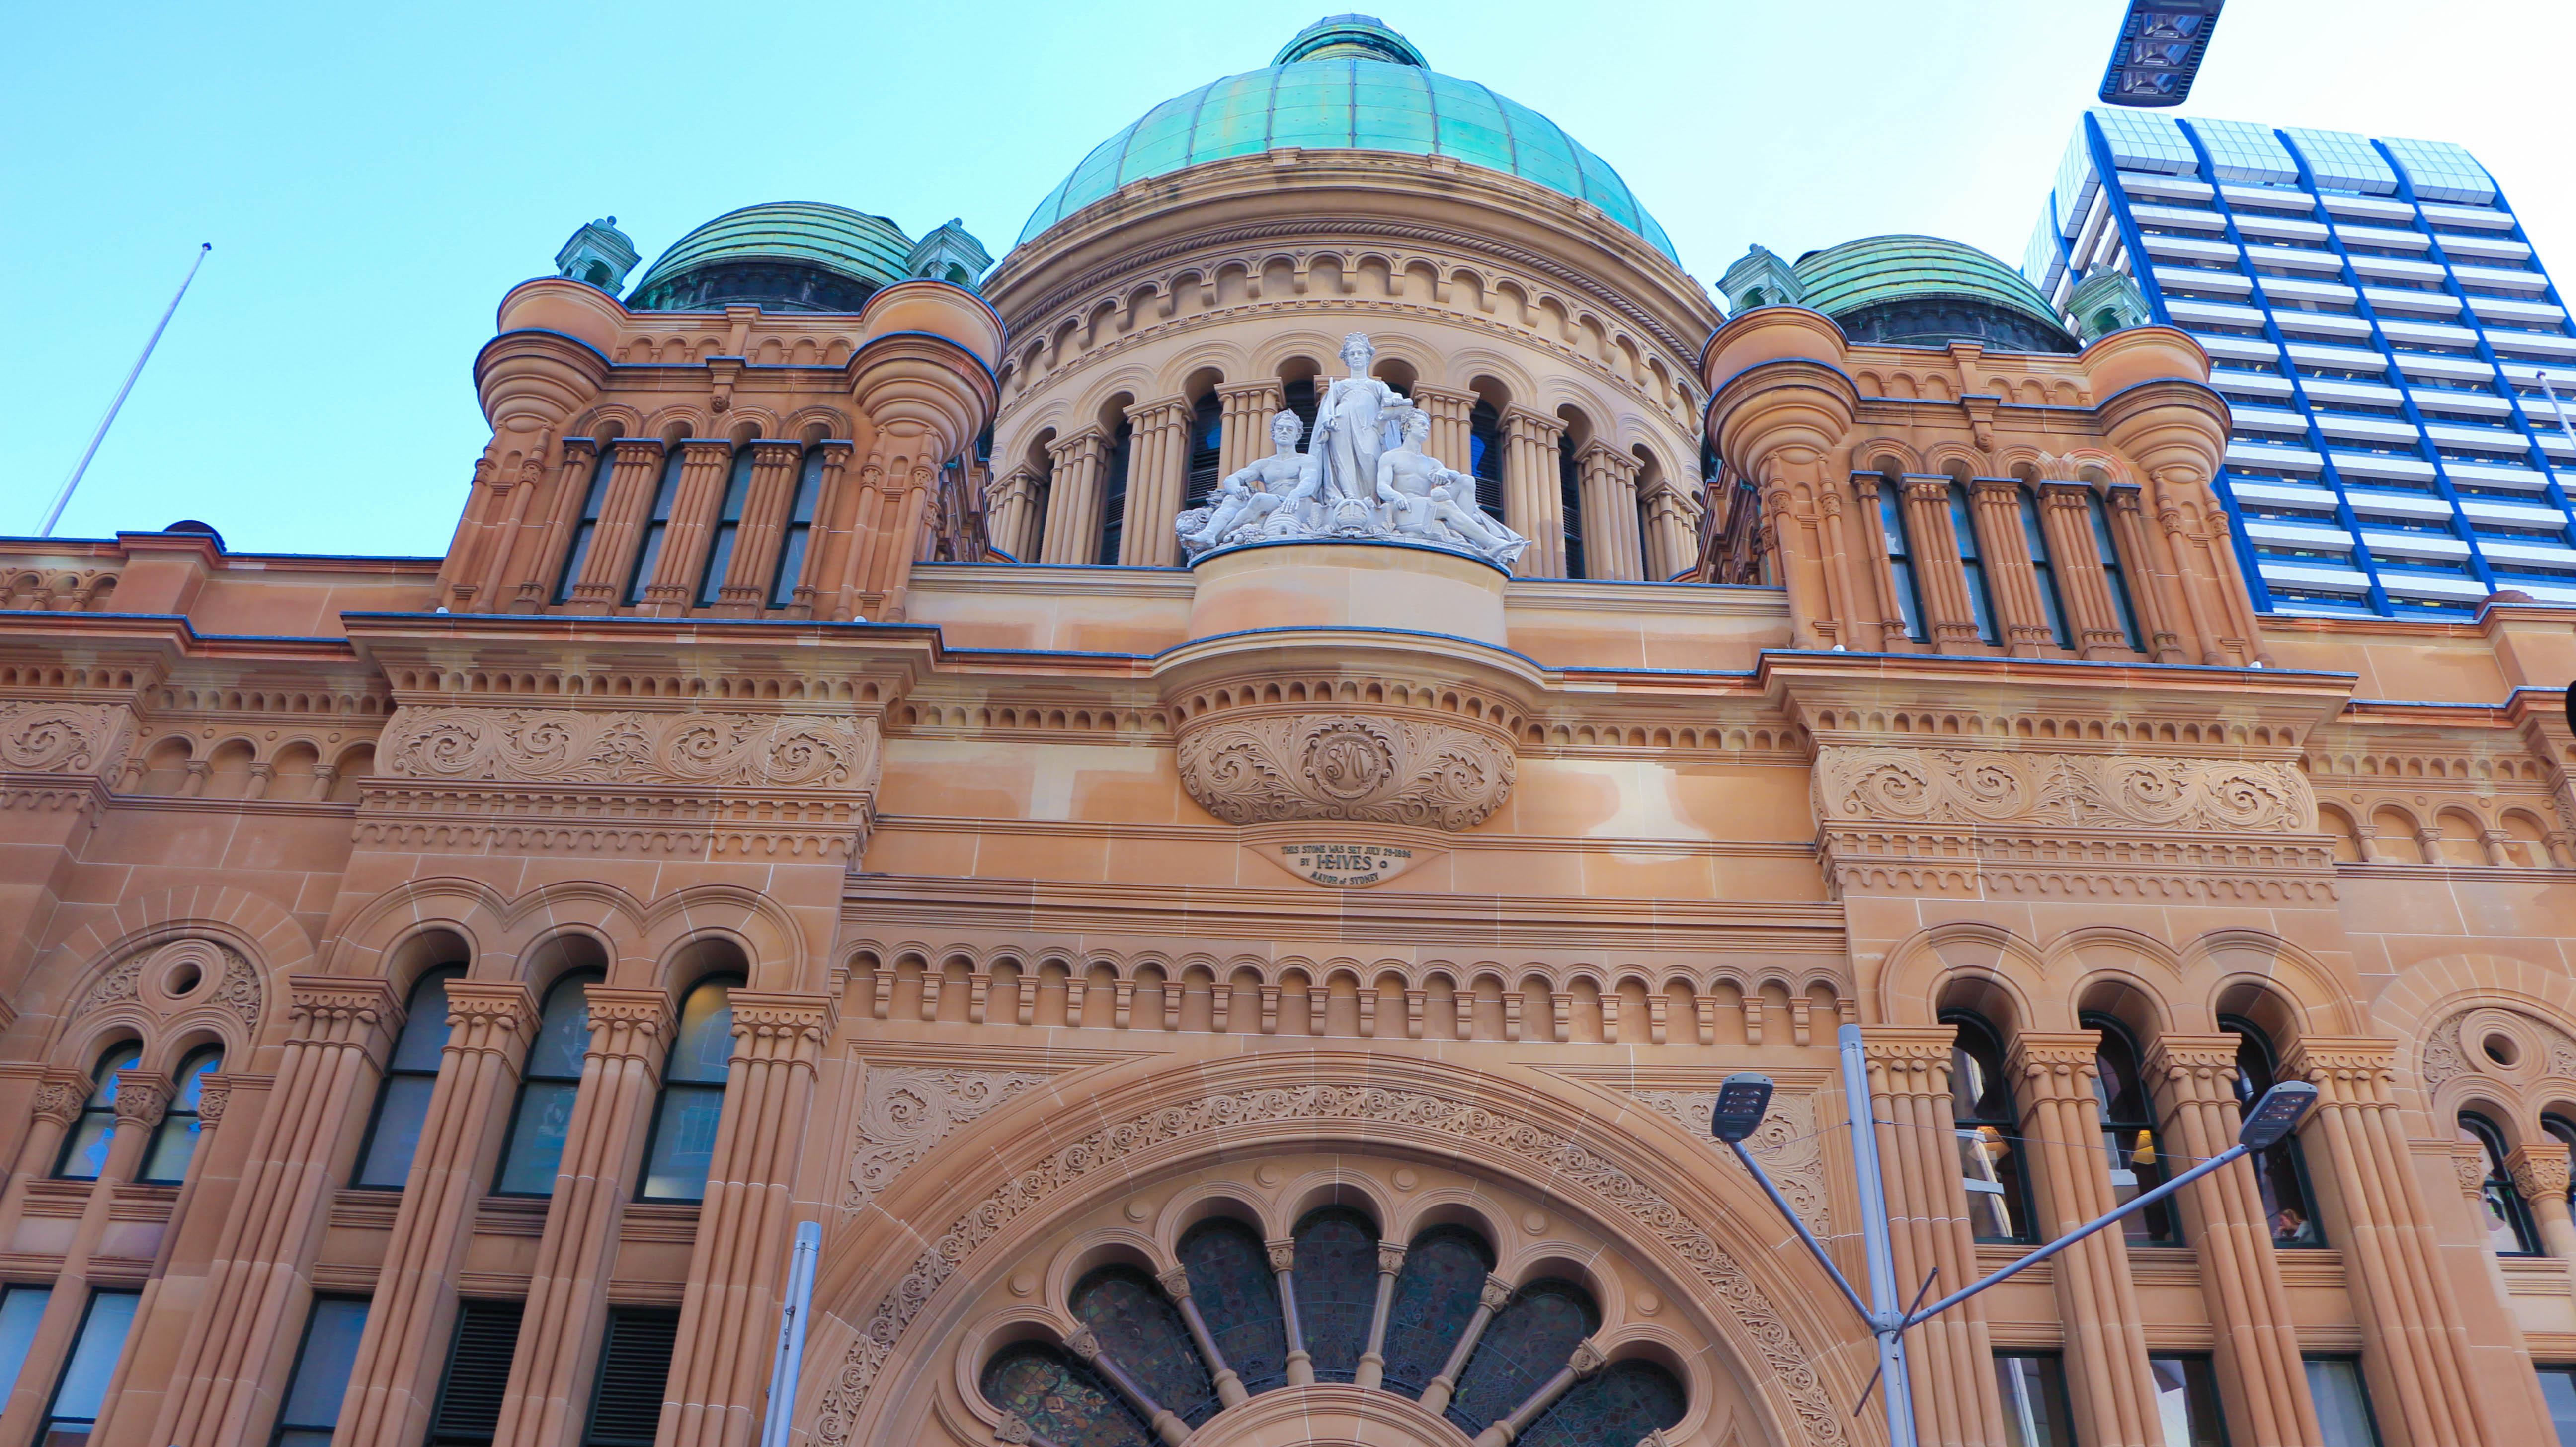 QVB Sydney Architecture